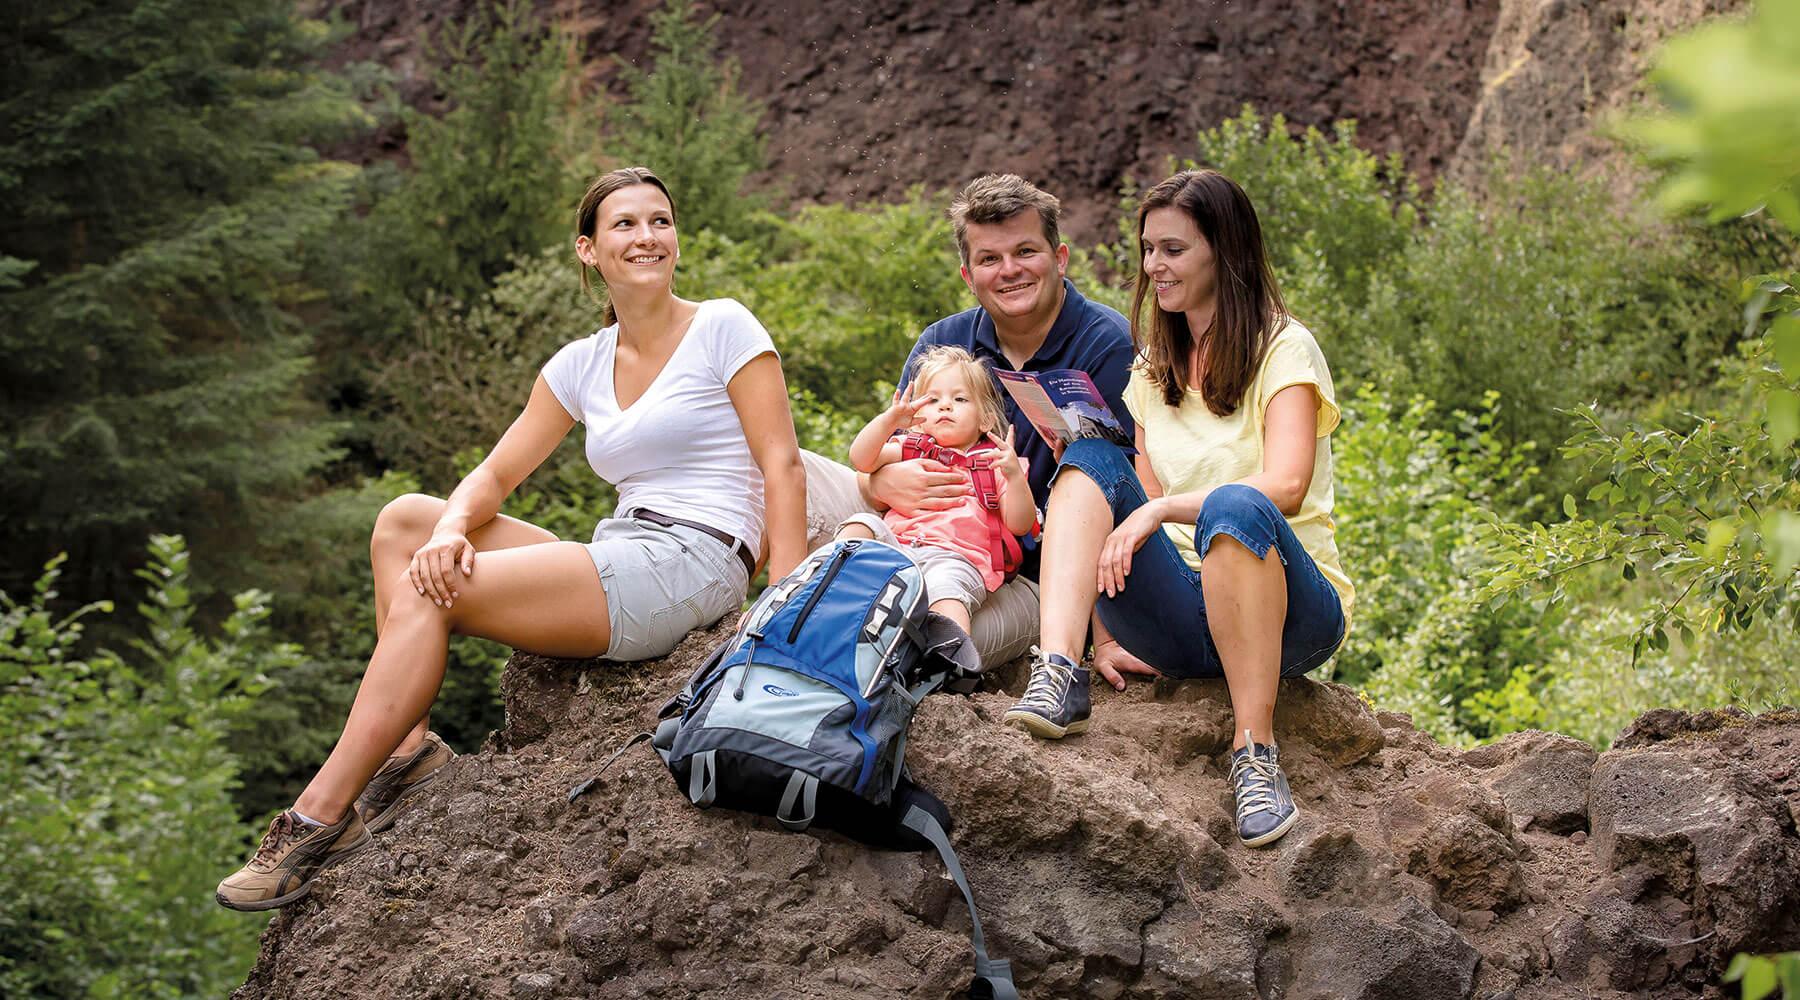 Vulkanpark Karmelenberg 4 Personen und ein Kind sitzen auf einem großen Stein am Karmelenberg